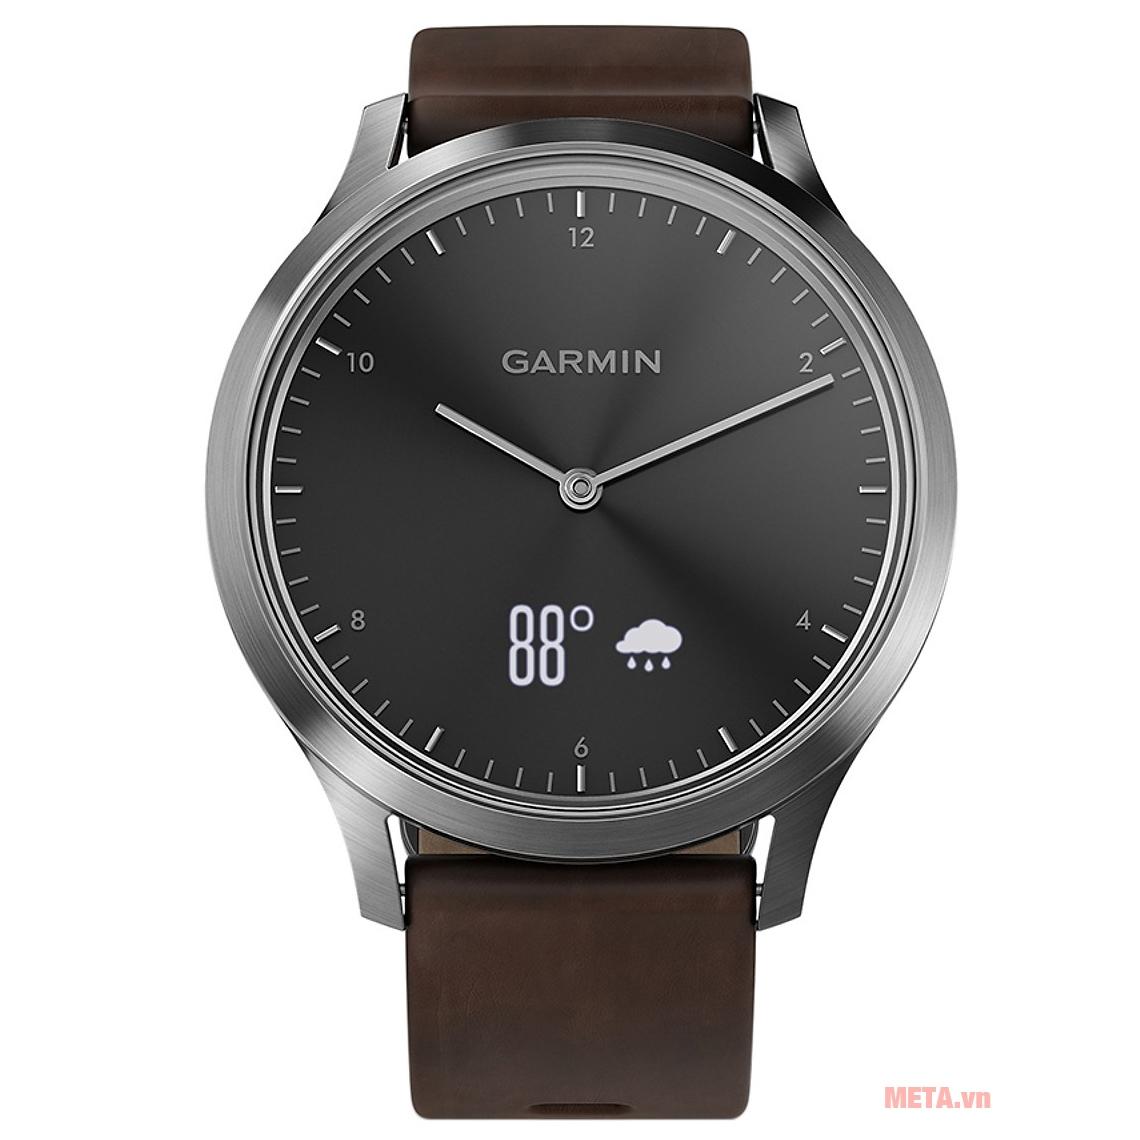 Đồng hồ Garmin vivomove HR (Premium edition) có khả năng chống nước chuẩn đi bơi